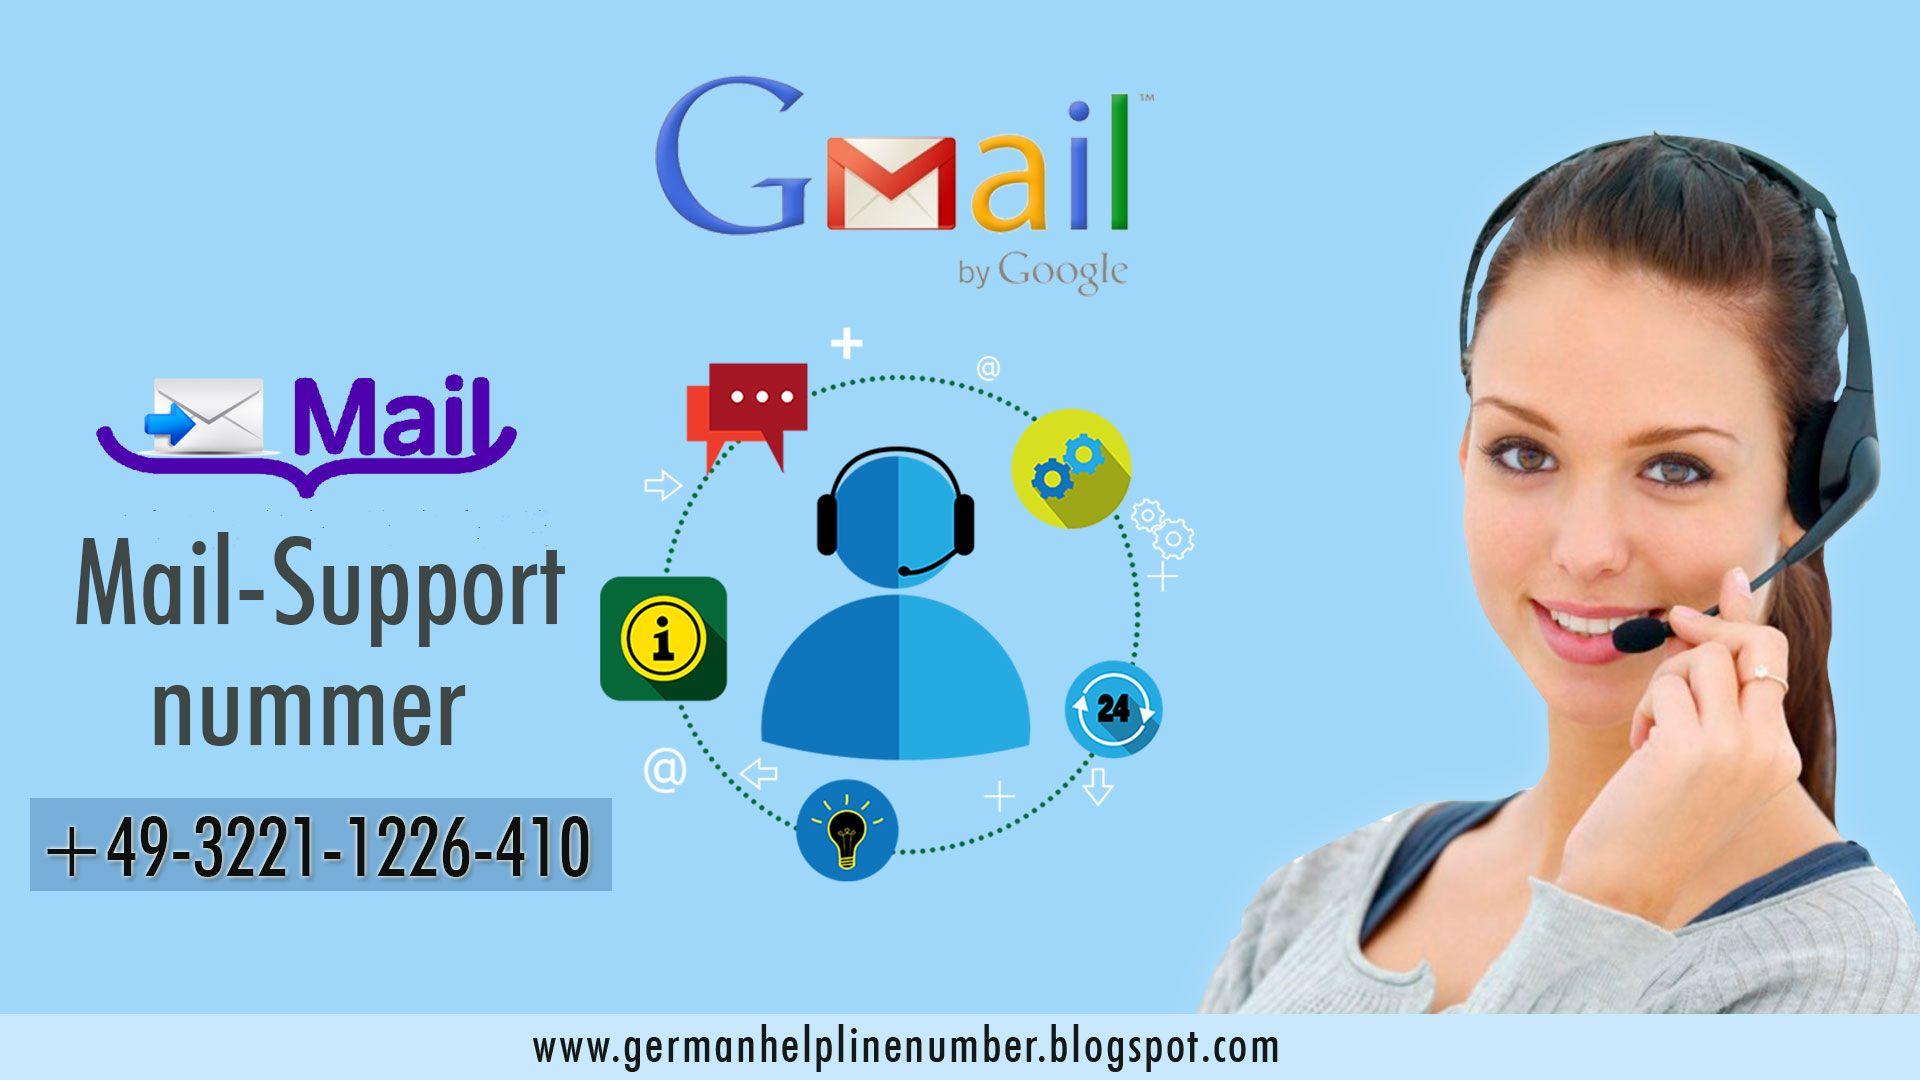 Wenden Sie sich an die Gmail Kundendienstnummer, um Ihre E